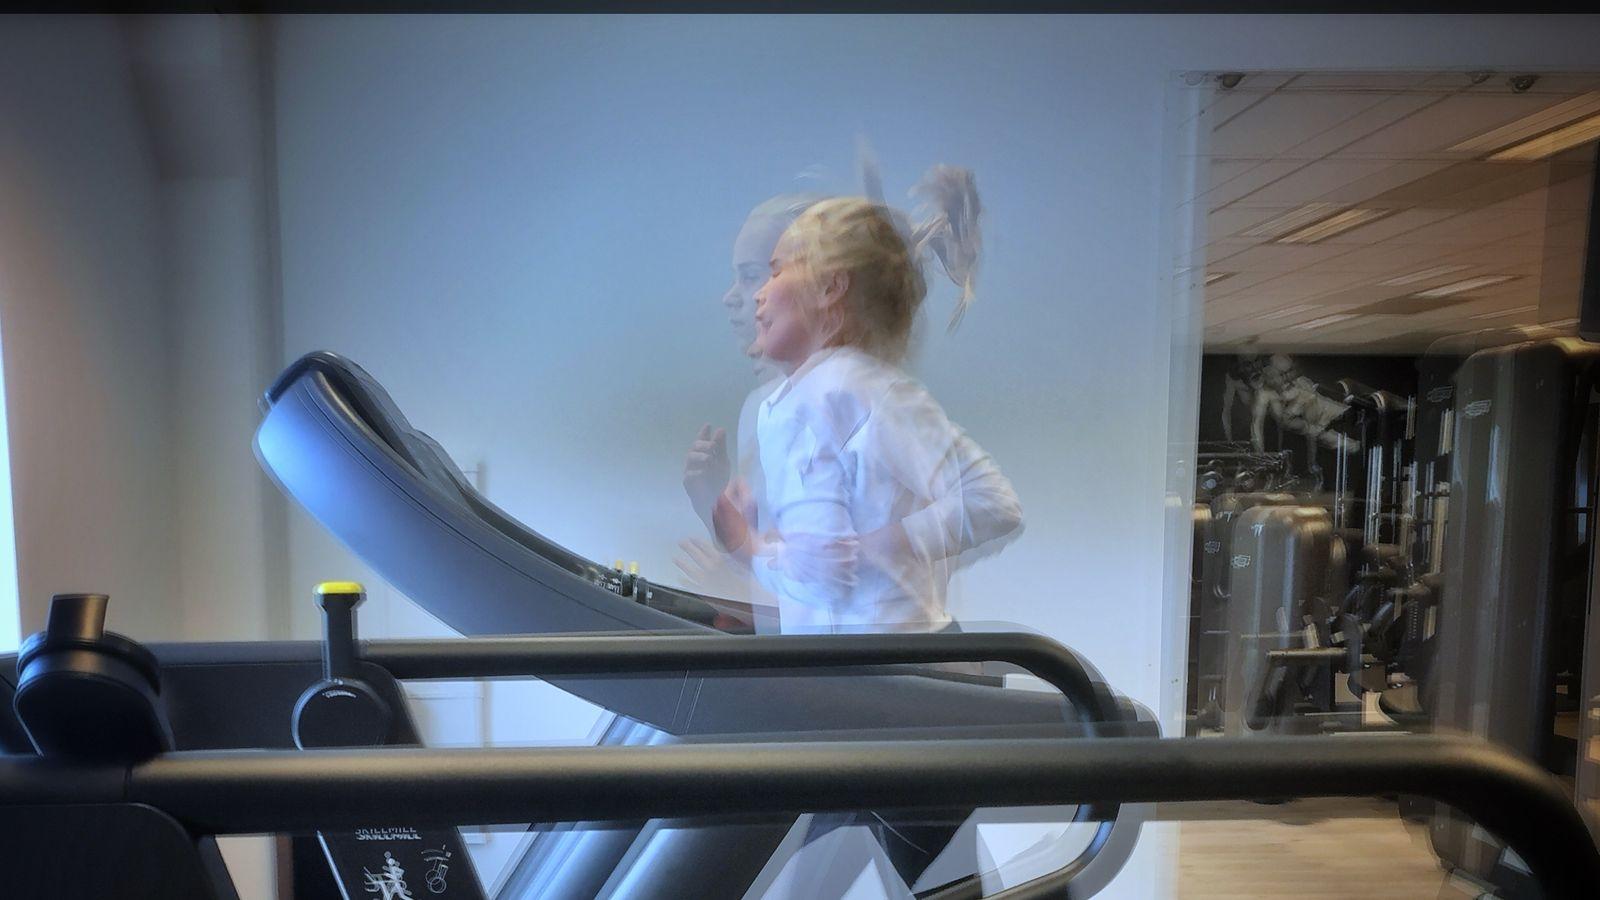 Sara løper på en tredemølle i et treningsstudio. Flere bilder er satt sammen slik at bildet ser litt uskarpt ut. Vi ser Sara fra siden. Hestehalen hopper, beina og armene viser at hun er i bevegelse.